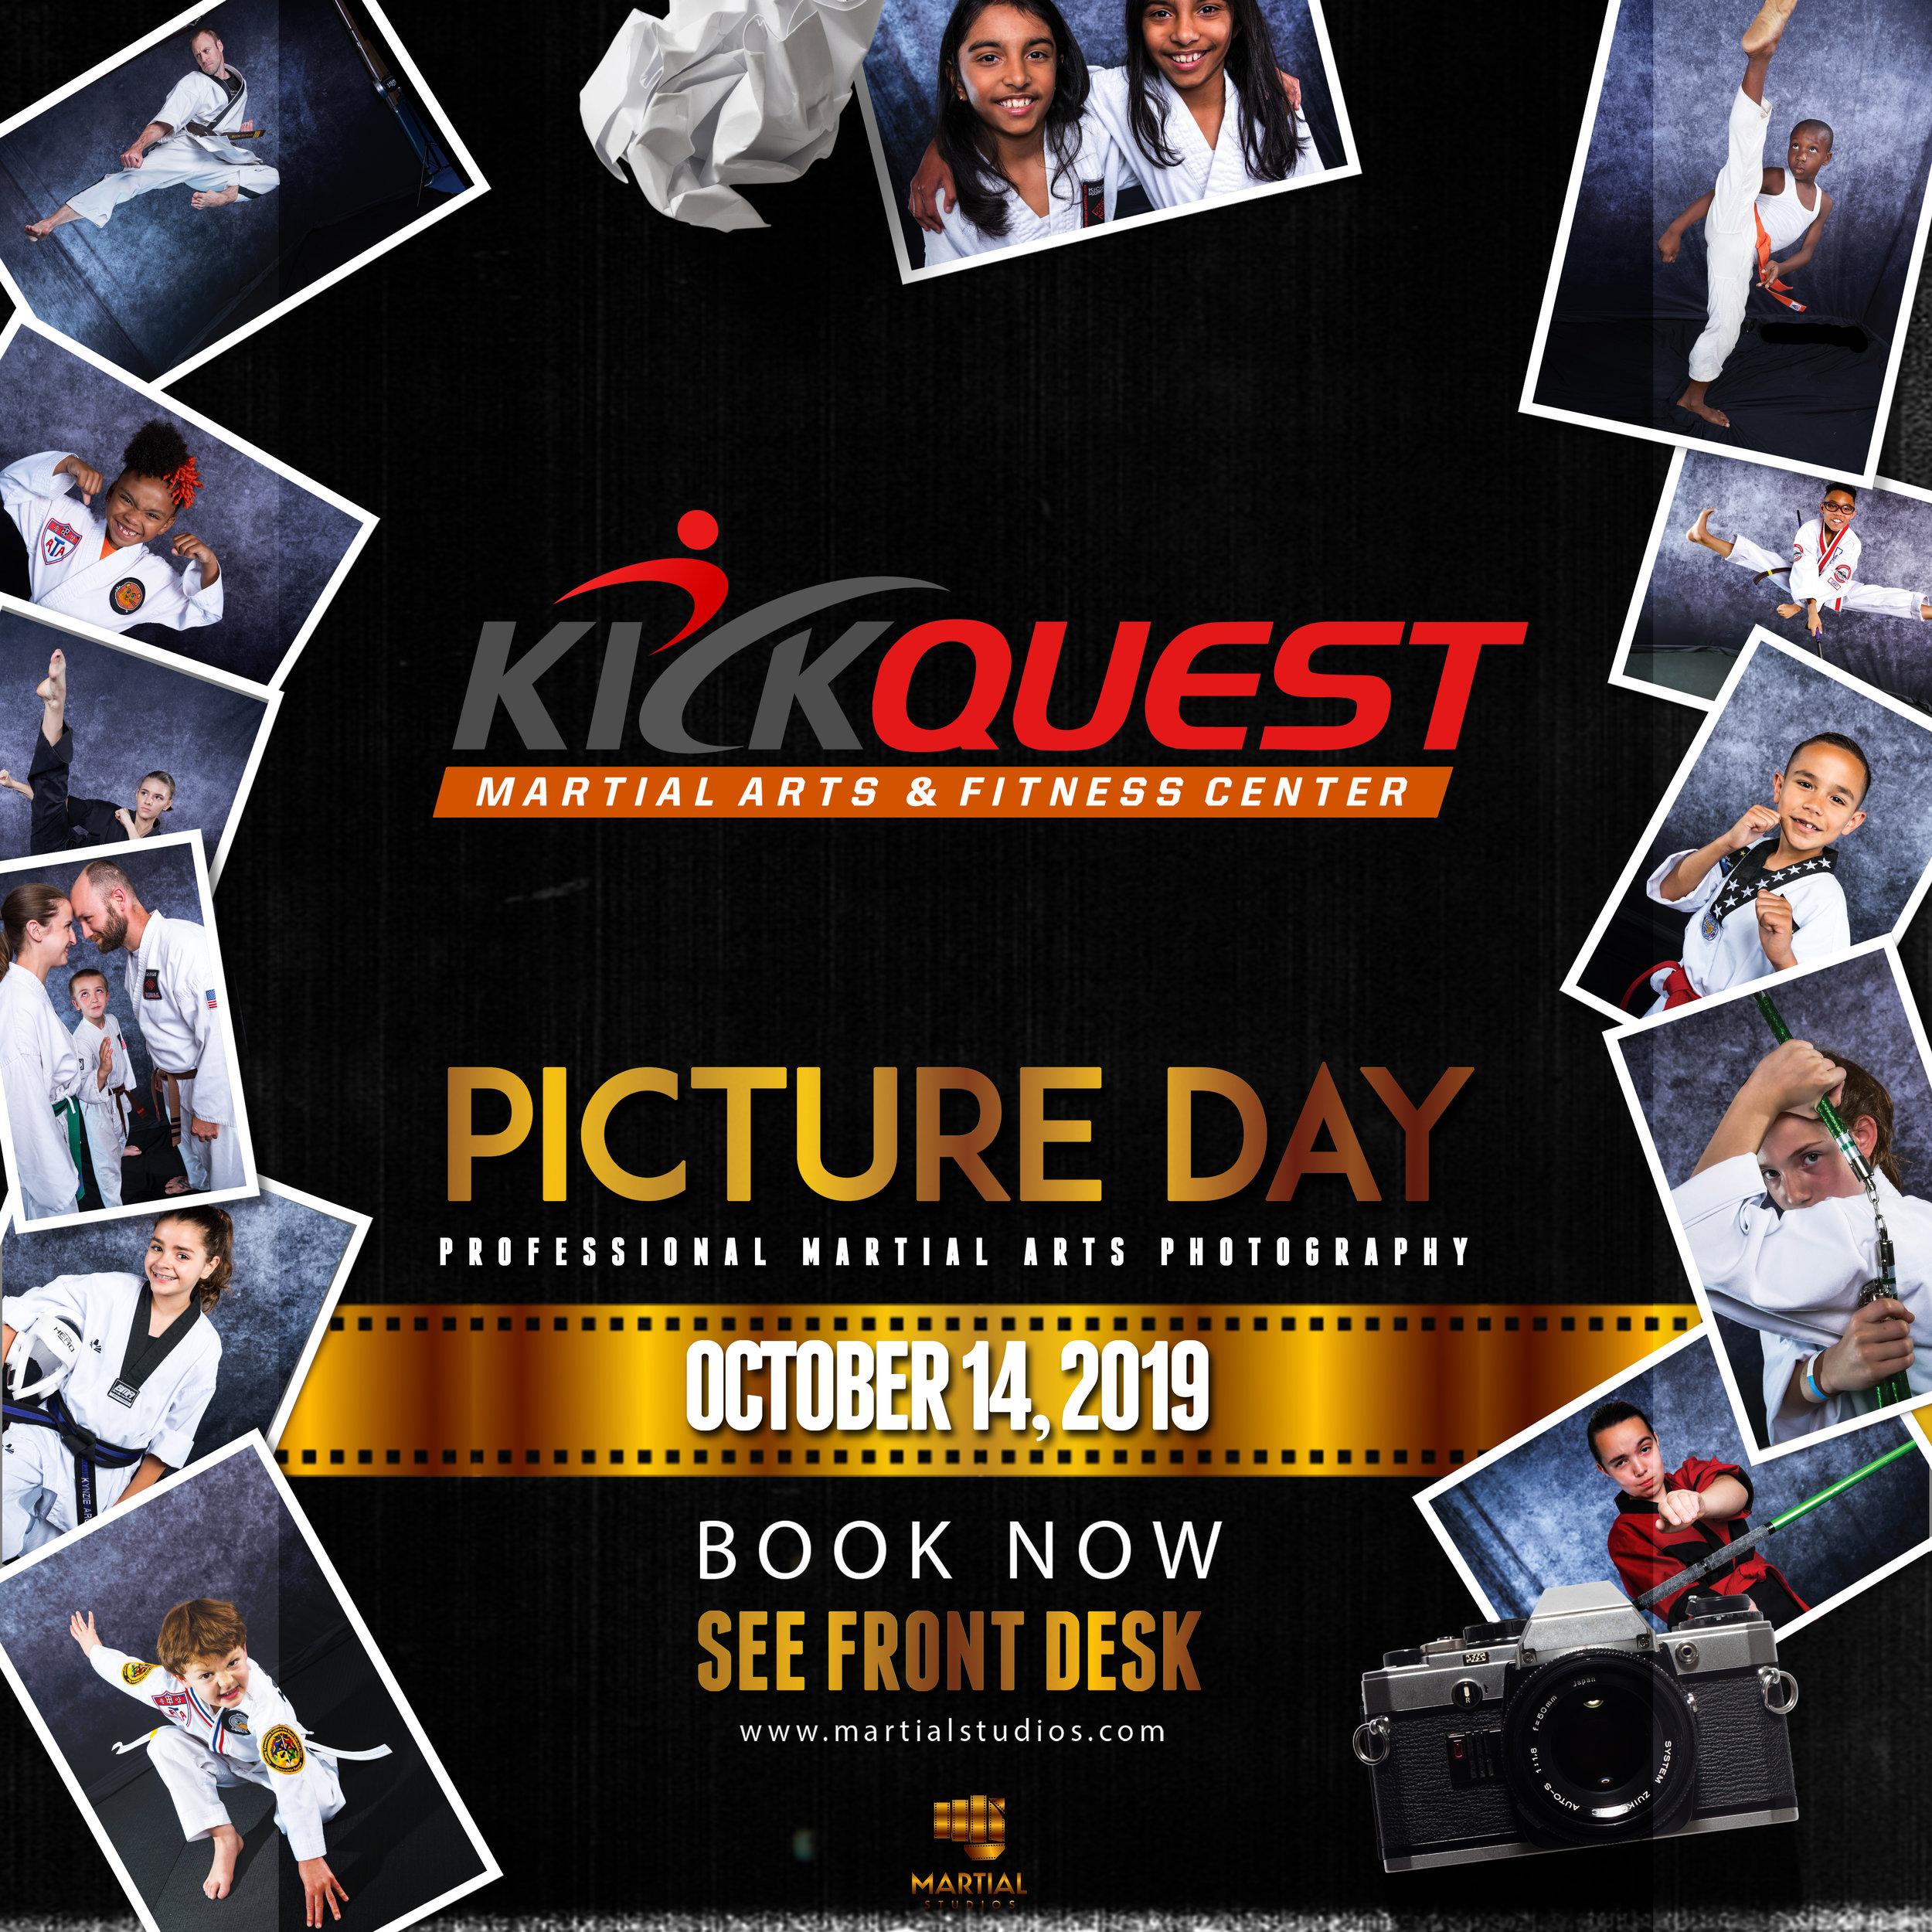 KickQuest_October 14 2019_social-media-post.jpg